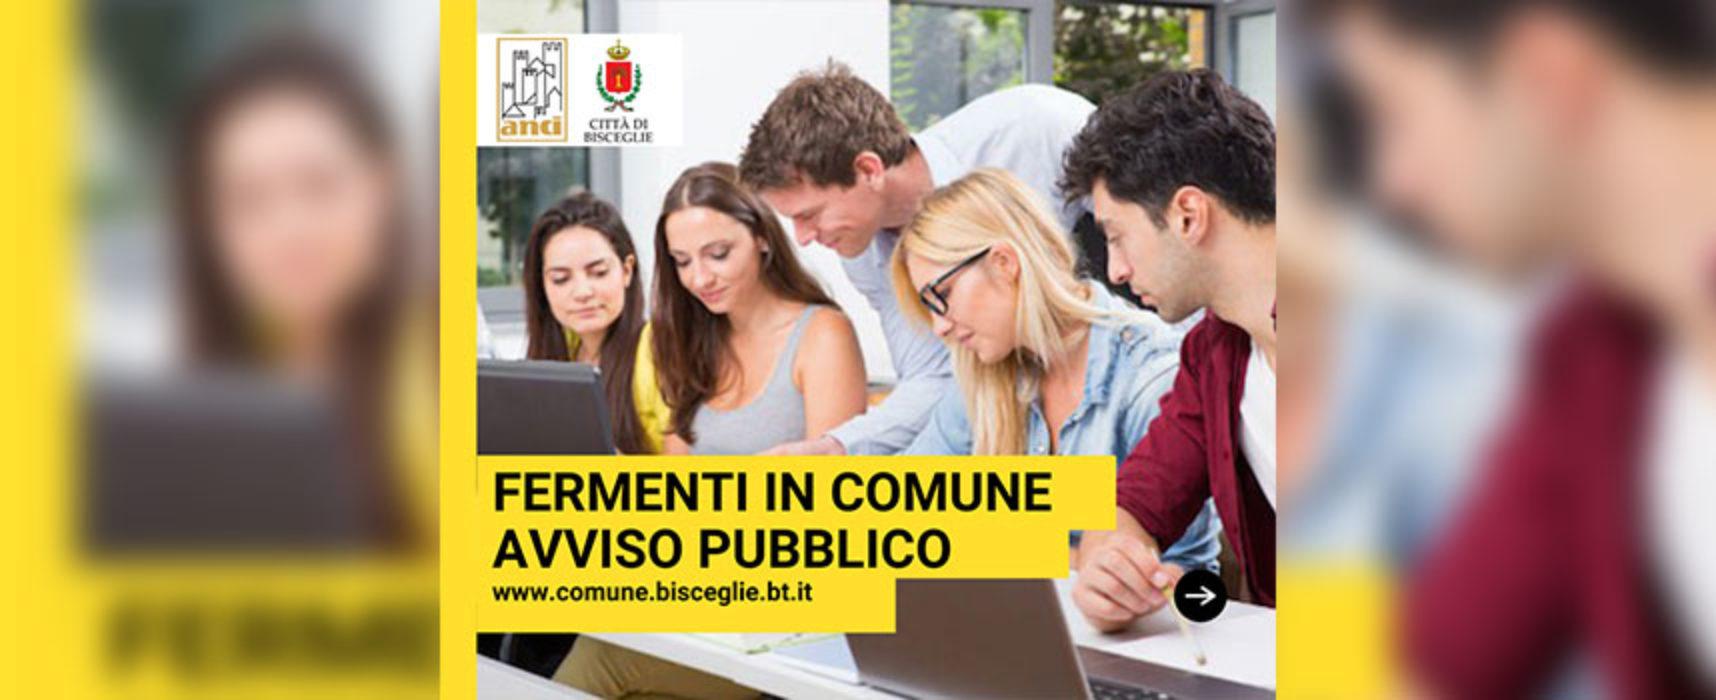 """Comune approva e pubblica bando per giovani, Angarano: """"Opportunità per nostra comunità"""""""